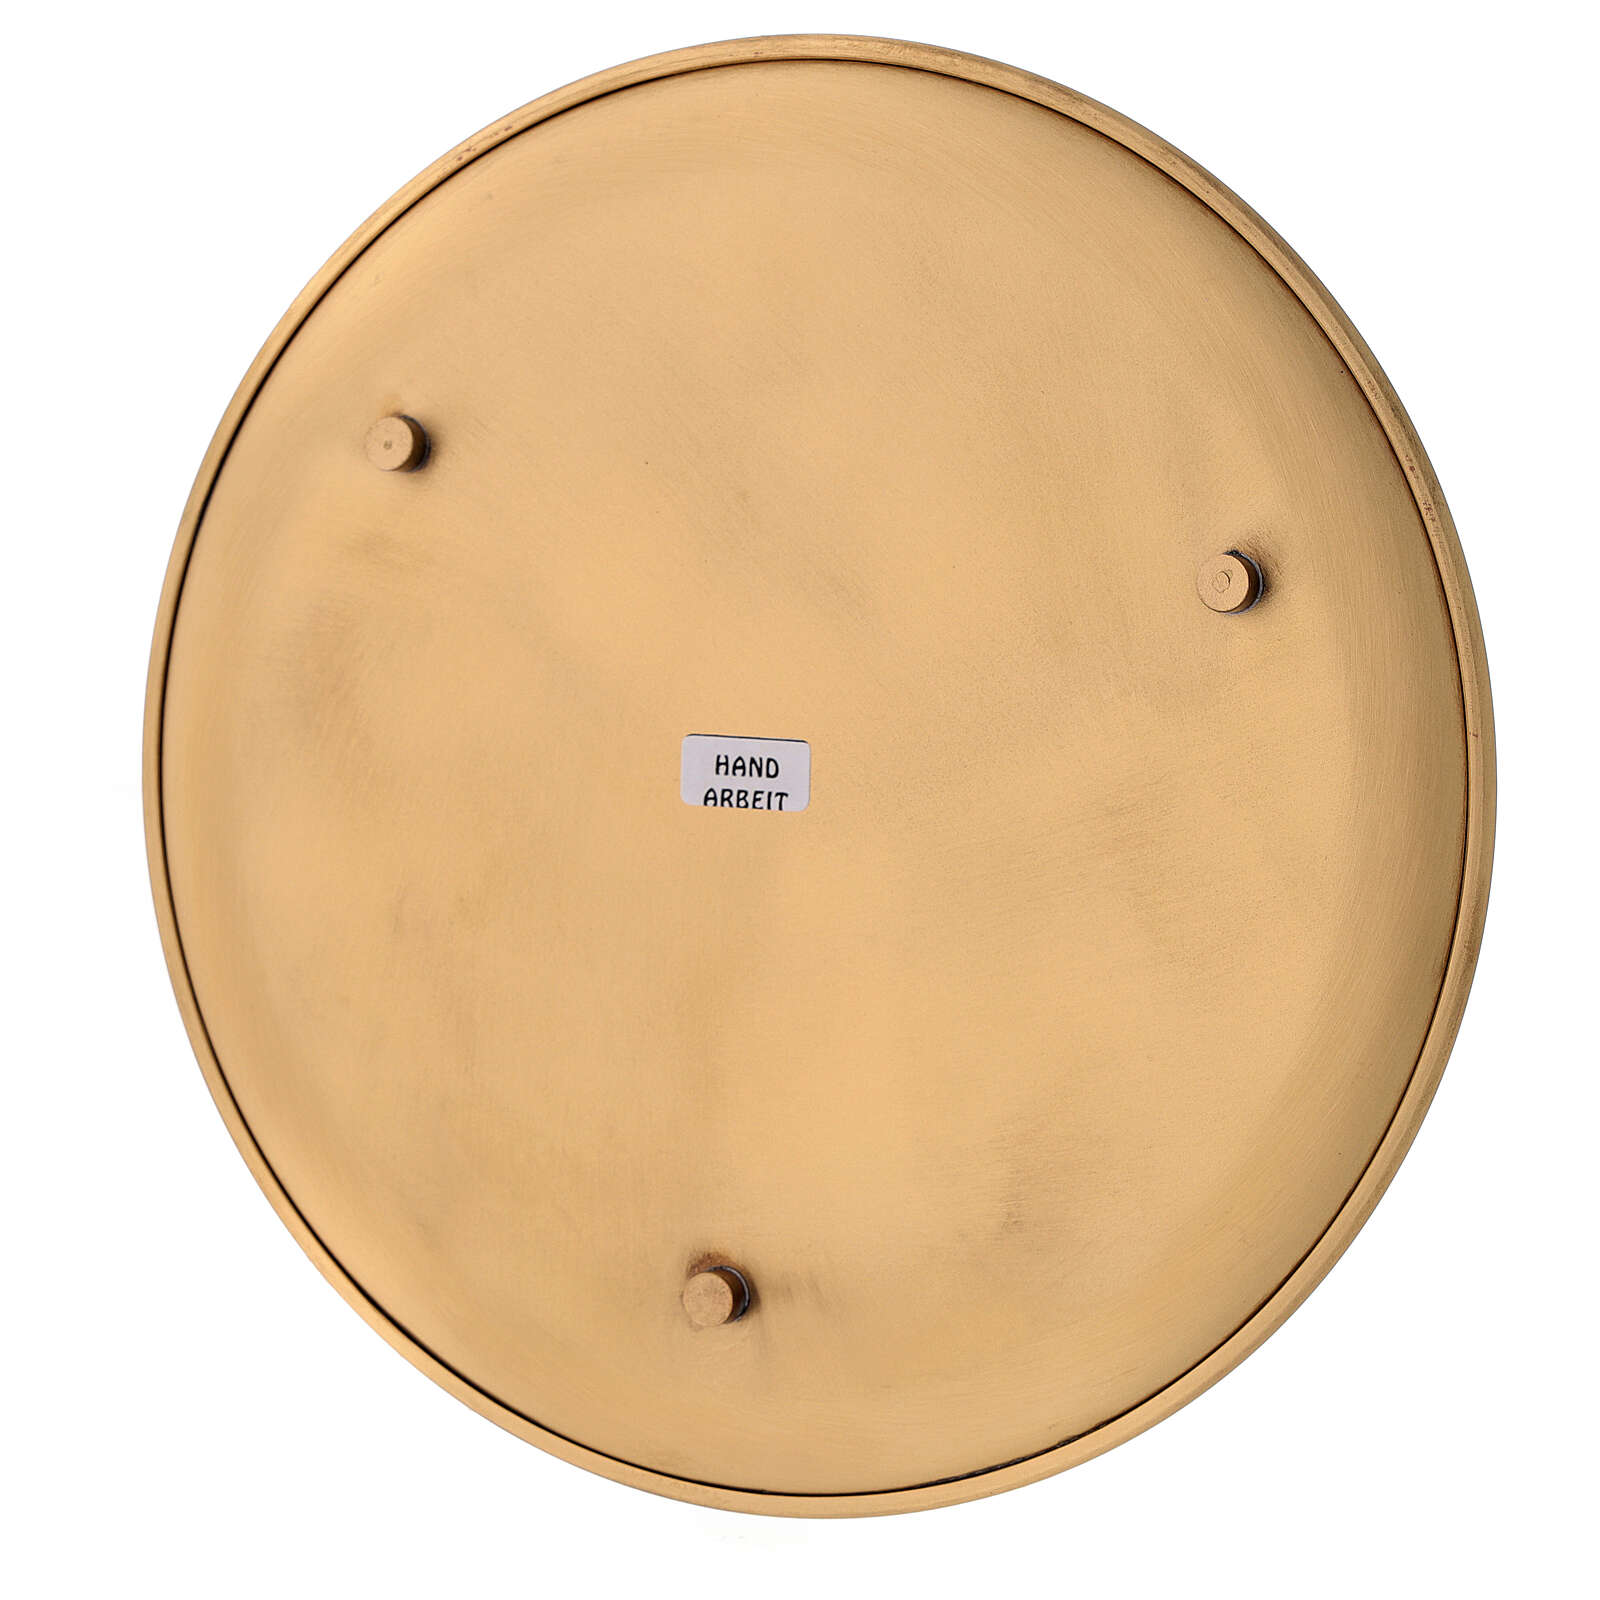 Assiette porte-bougie diamètre 21 cm laiton doré satiné 3